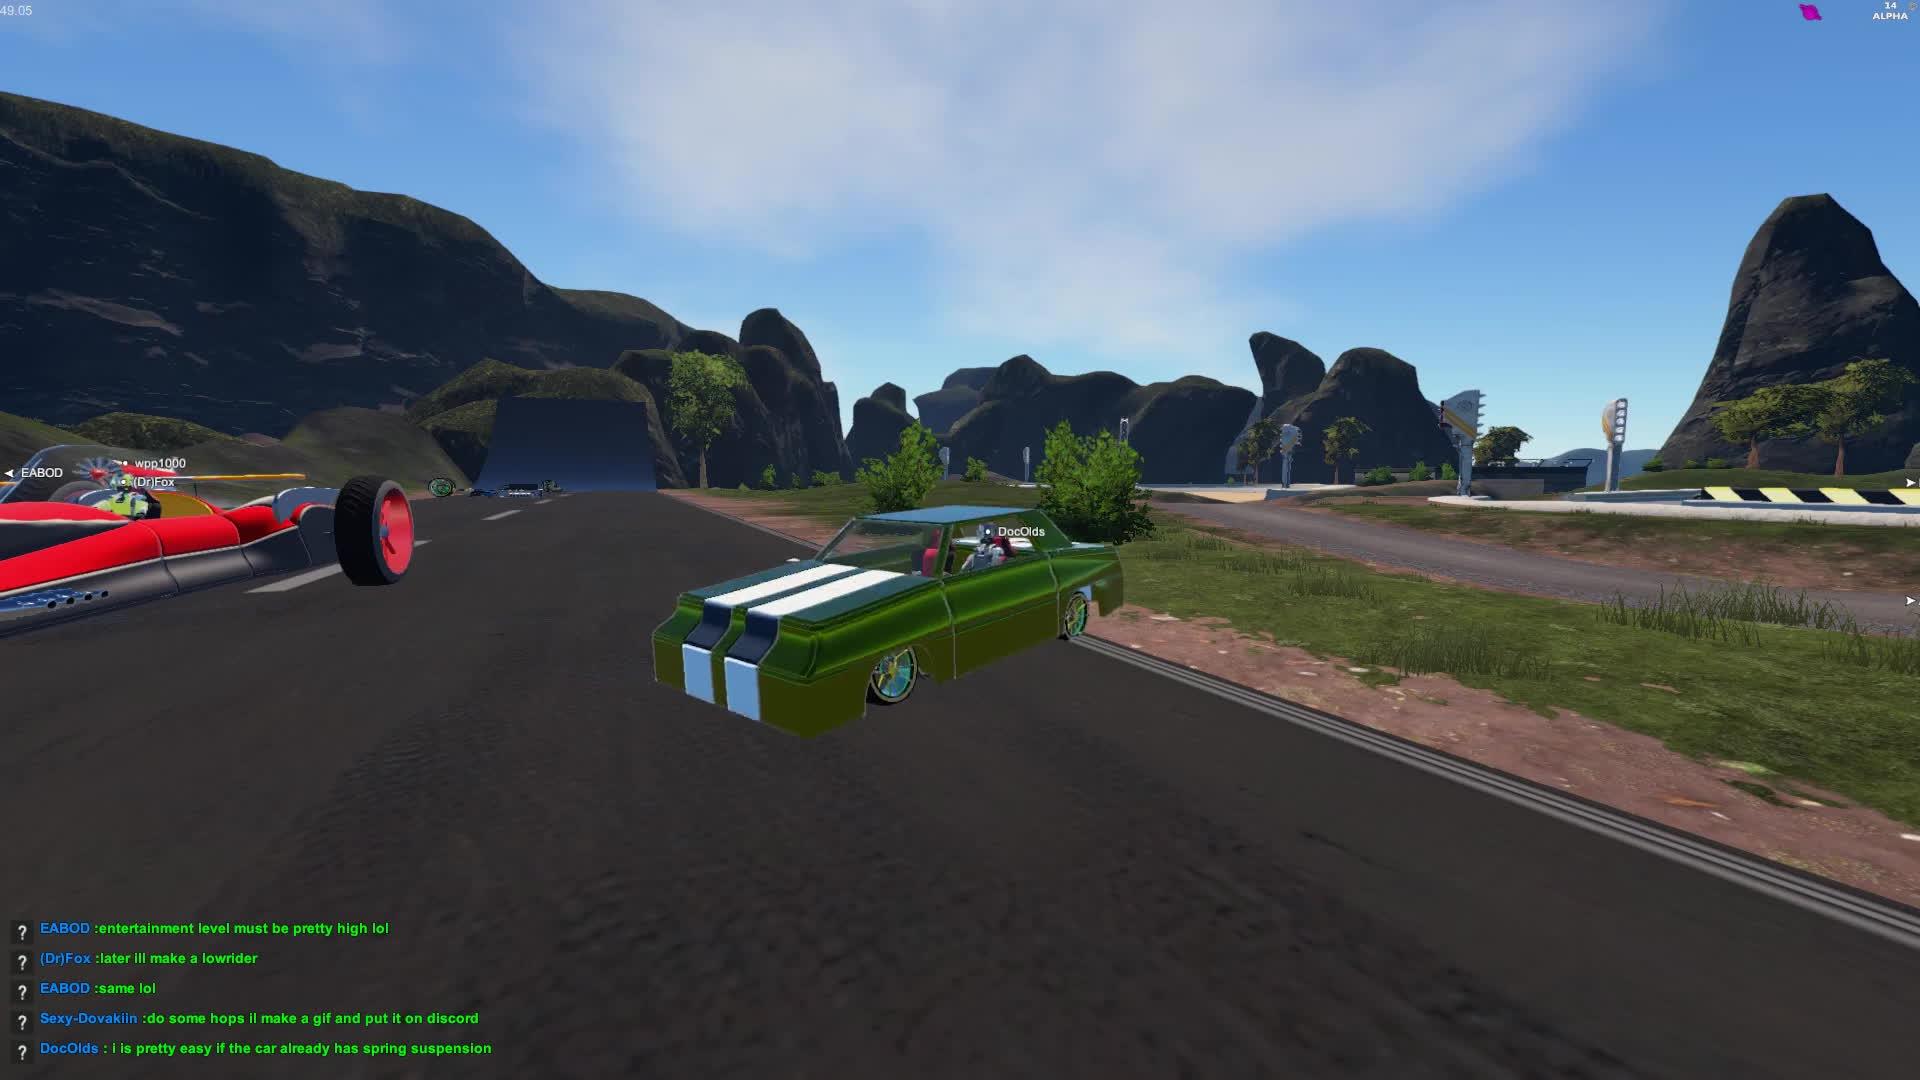 homebrew, sandbox, vehicle, Desktop 03 21 2017   19 25 22 04 GIFs